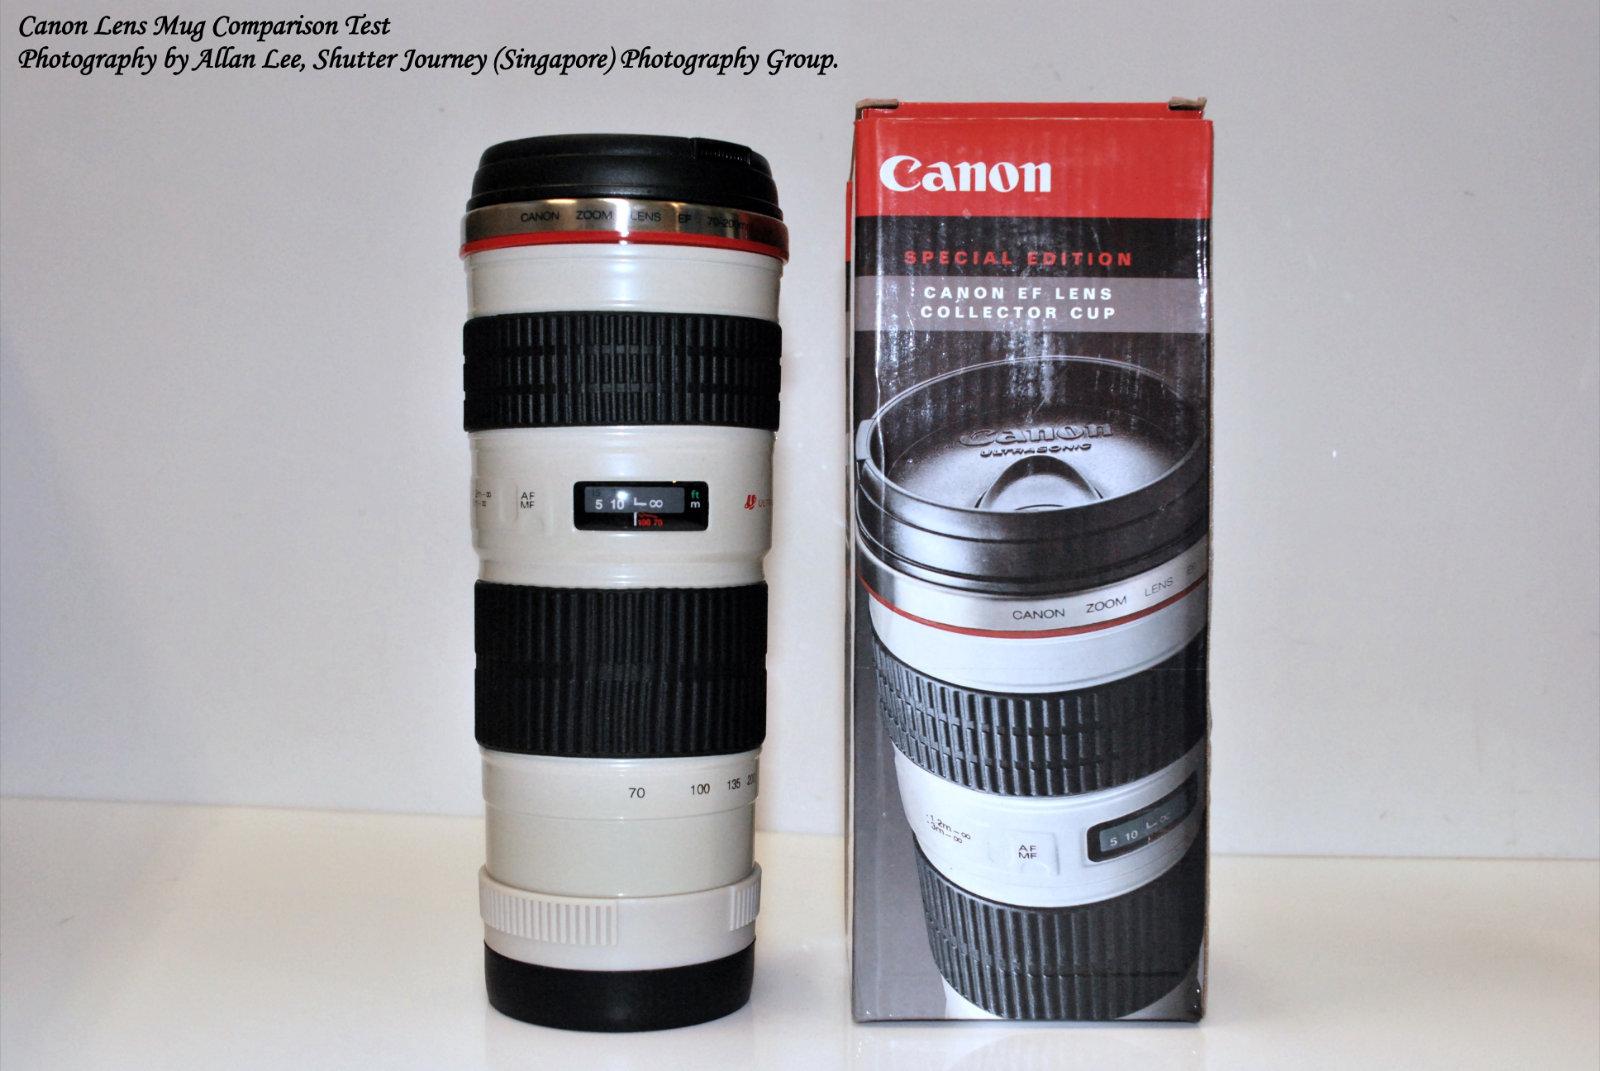 Canon lens mug 70 200mm f4l 1 1 how real shutter for Canon photo lens mug